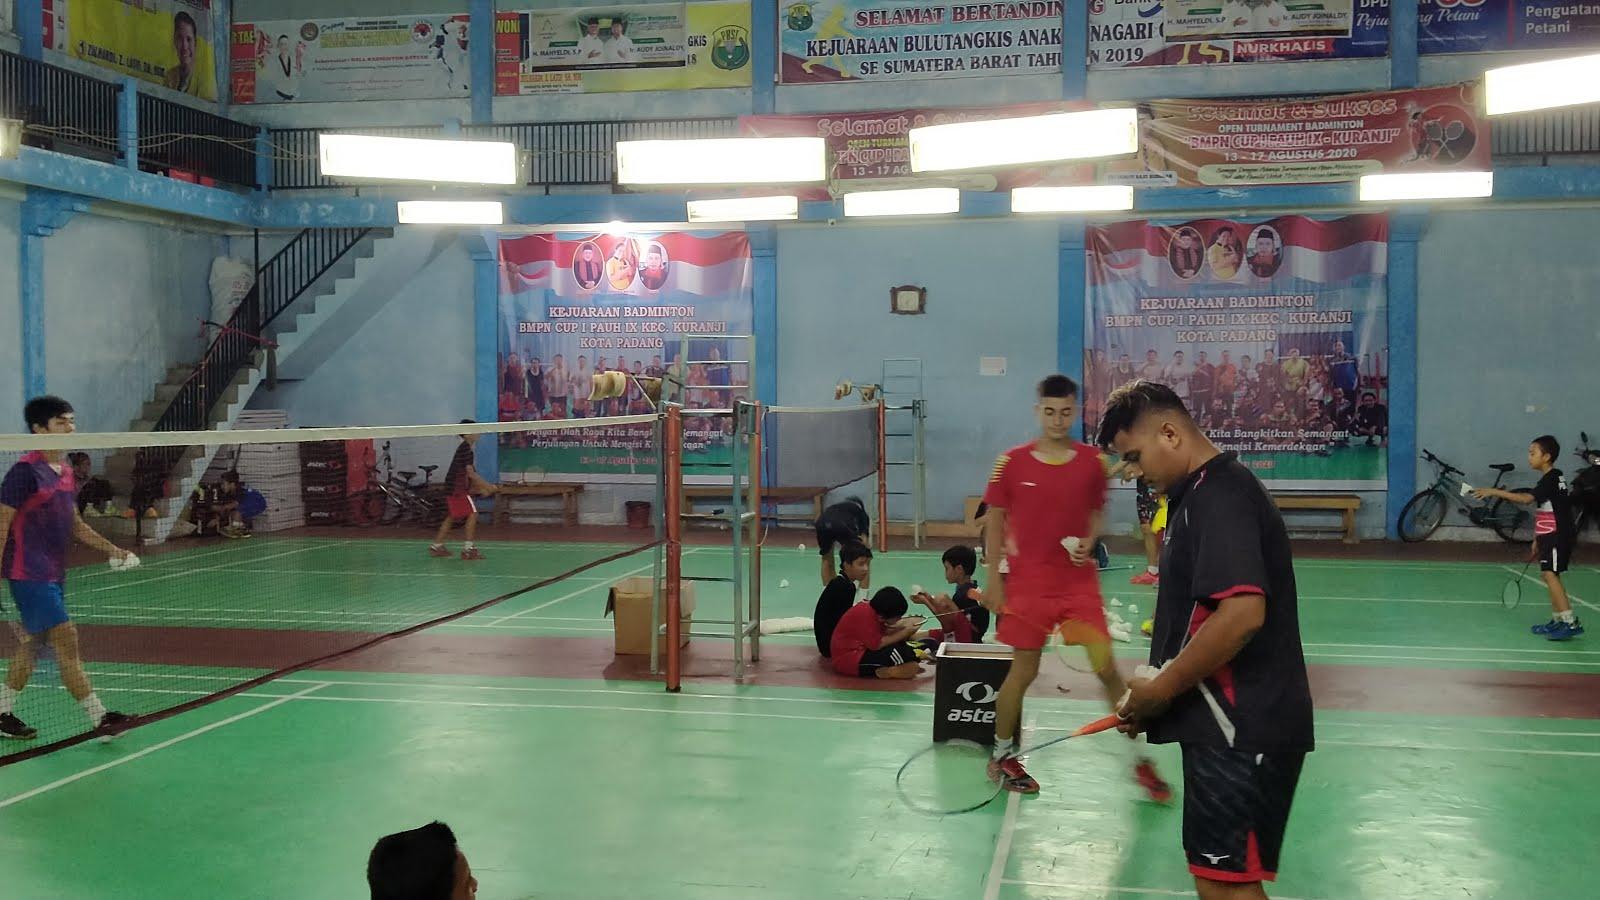 Lahirkan Bibit Pebulutangkis Handal, Mahmuda Badminton Club Terus Lakukan Pembinaan.